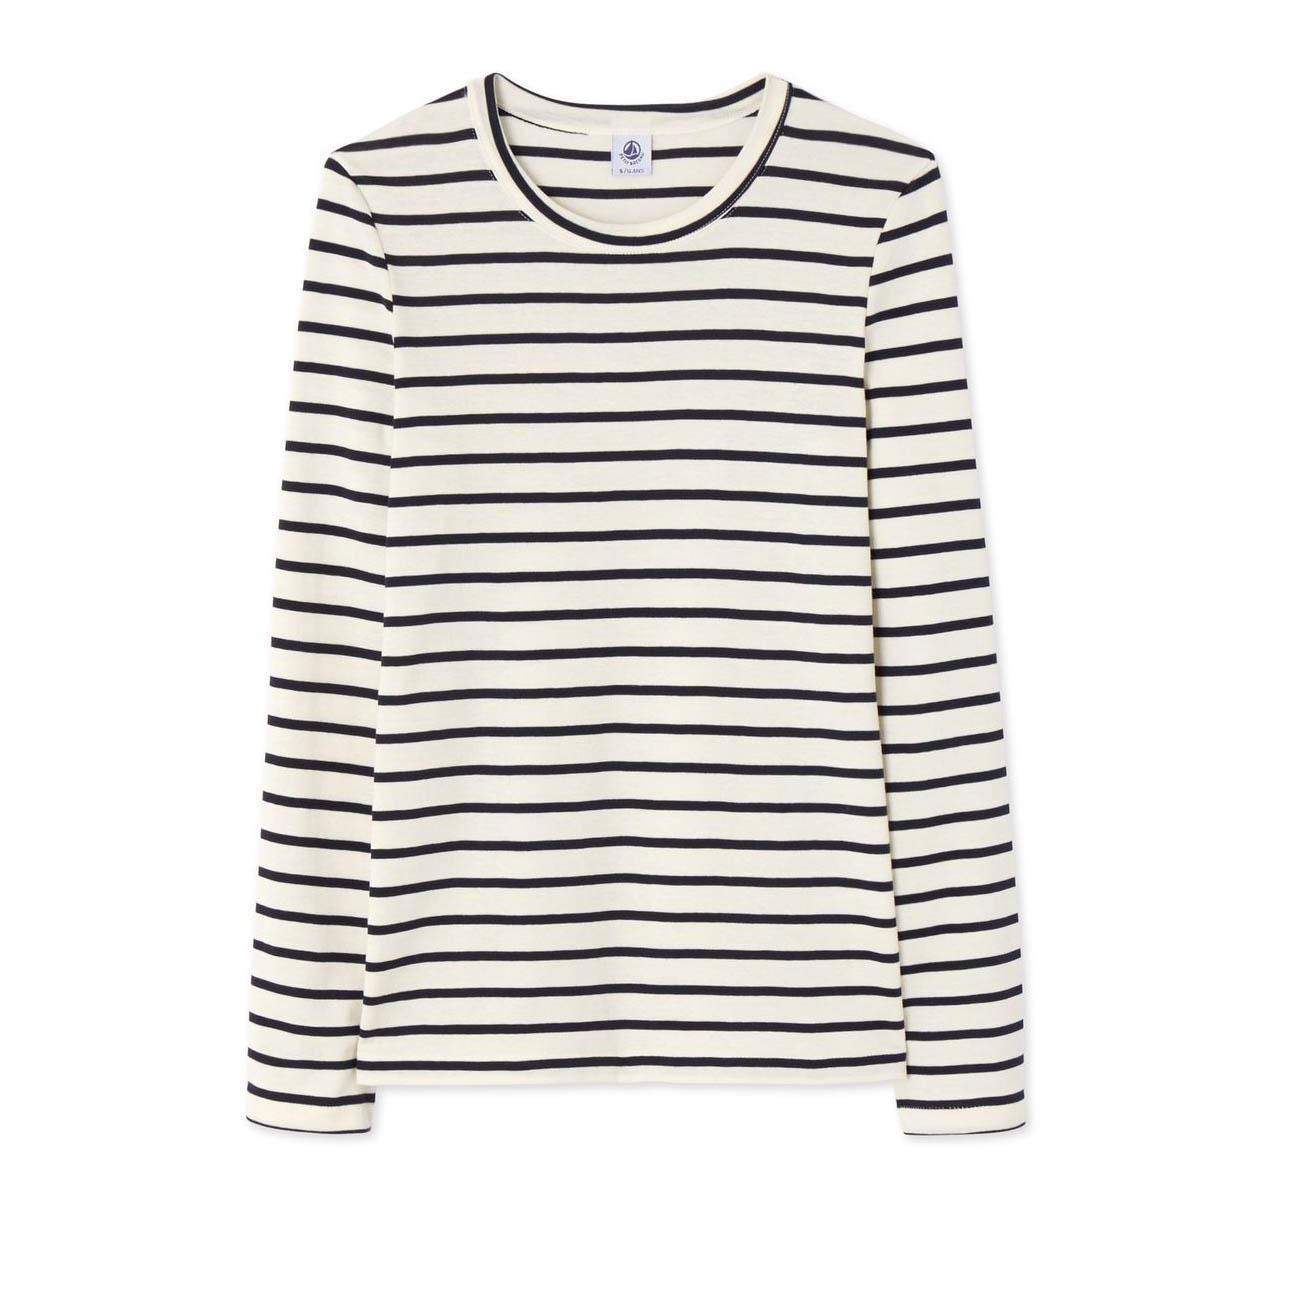 petit-bateau-t-shirt-femme-manches-longues-rayé-beige-soldes-la-redoute